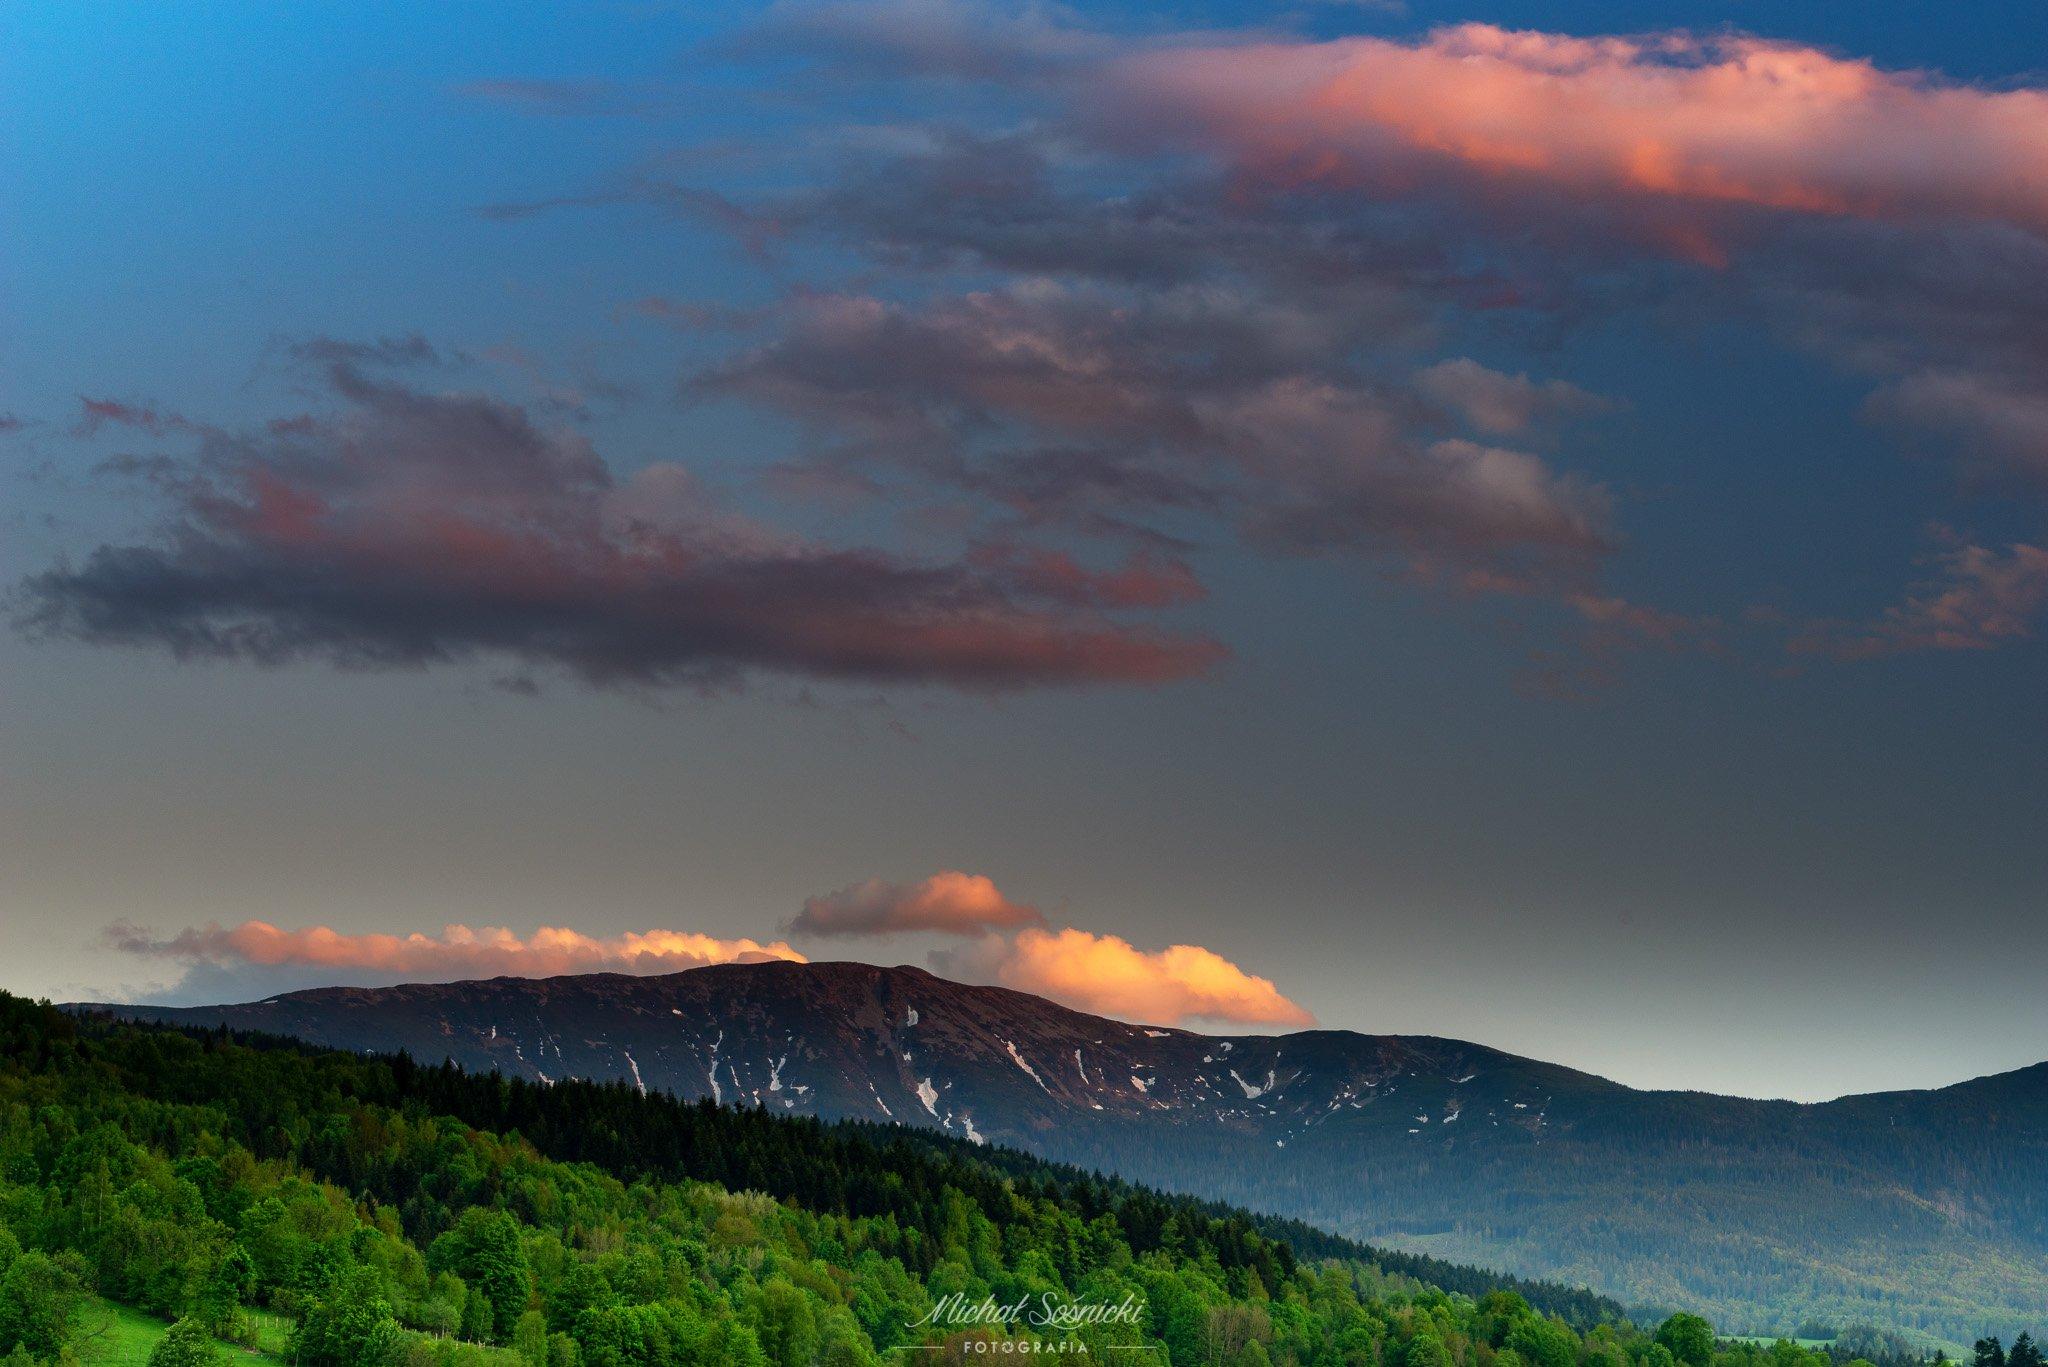 #poland #beskids #queen #clouds #mountains #pentax #benro, Sośnicki Michał